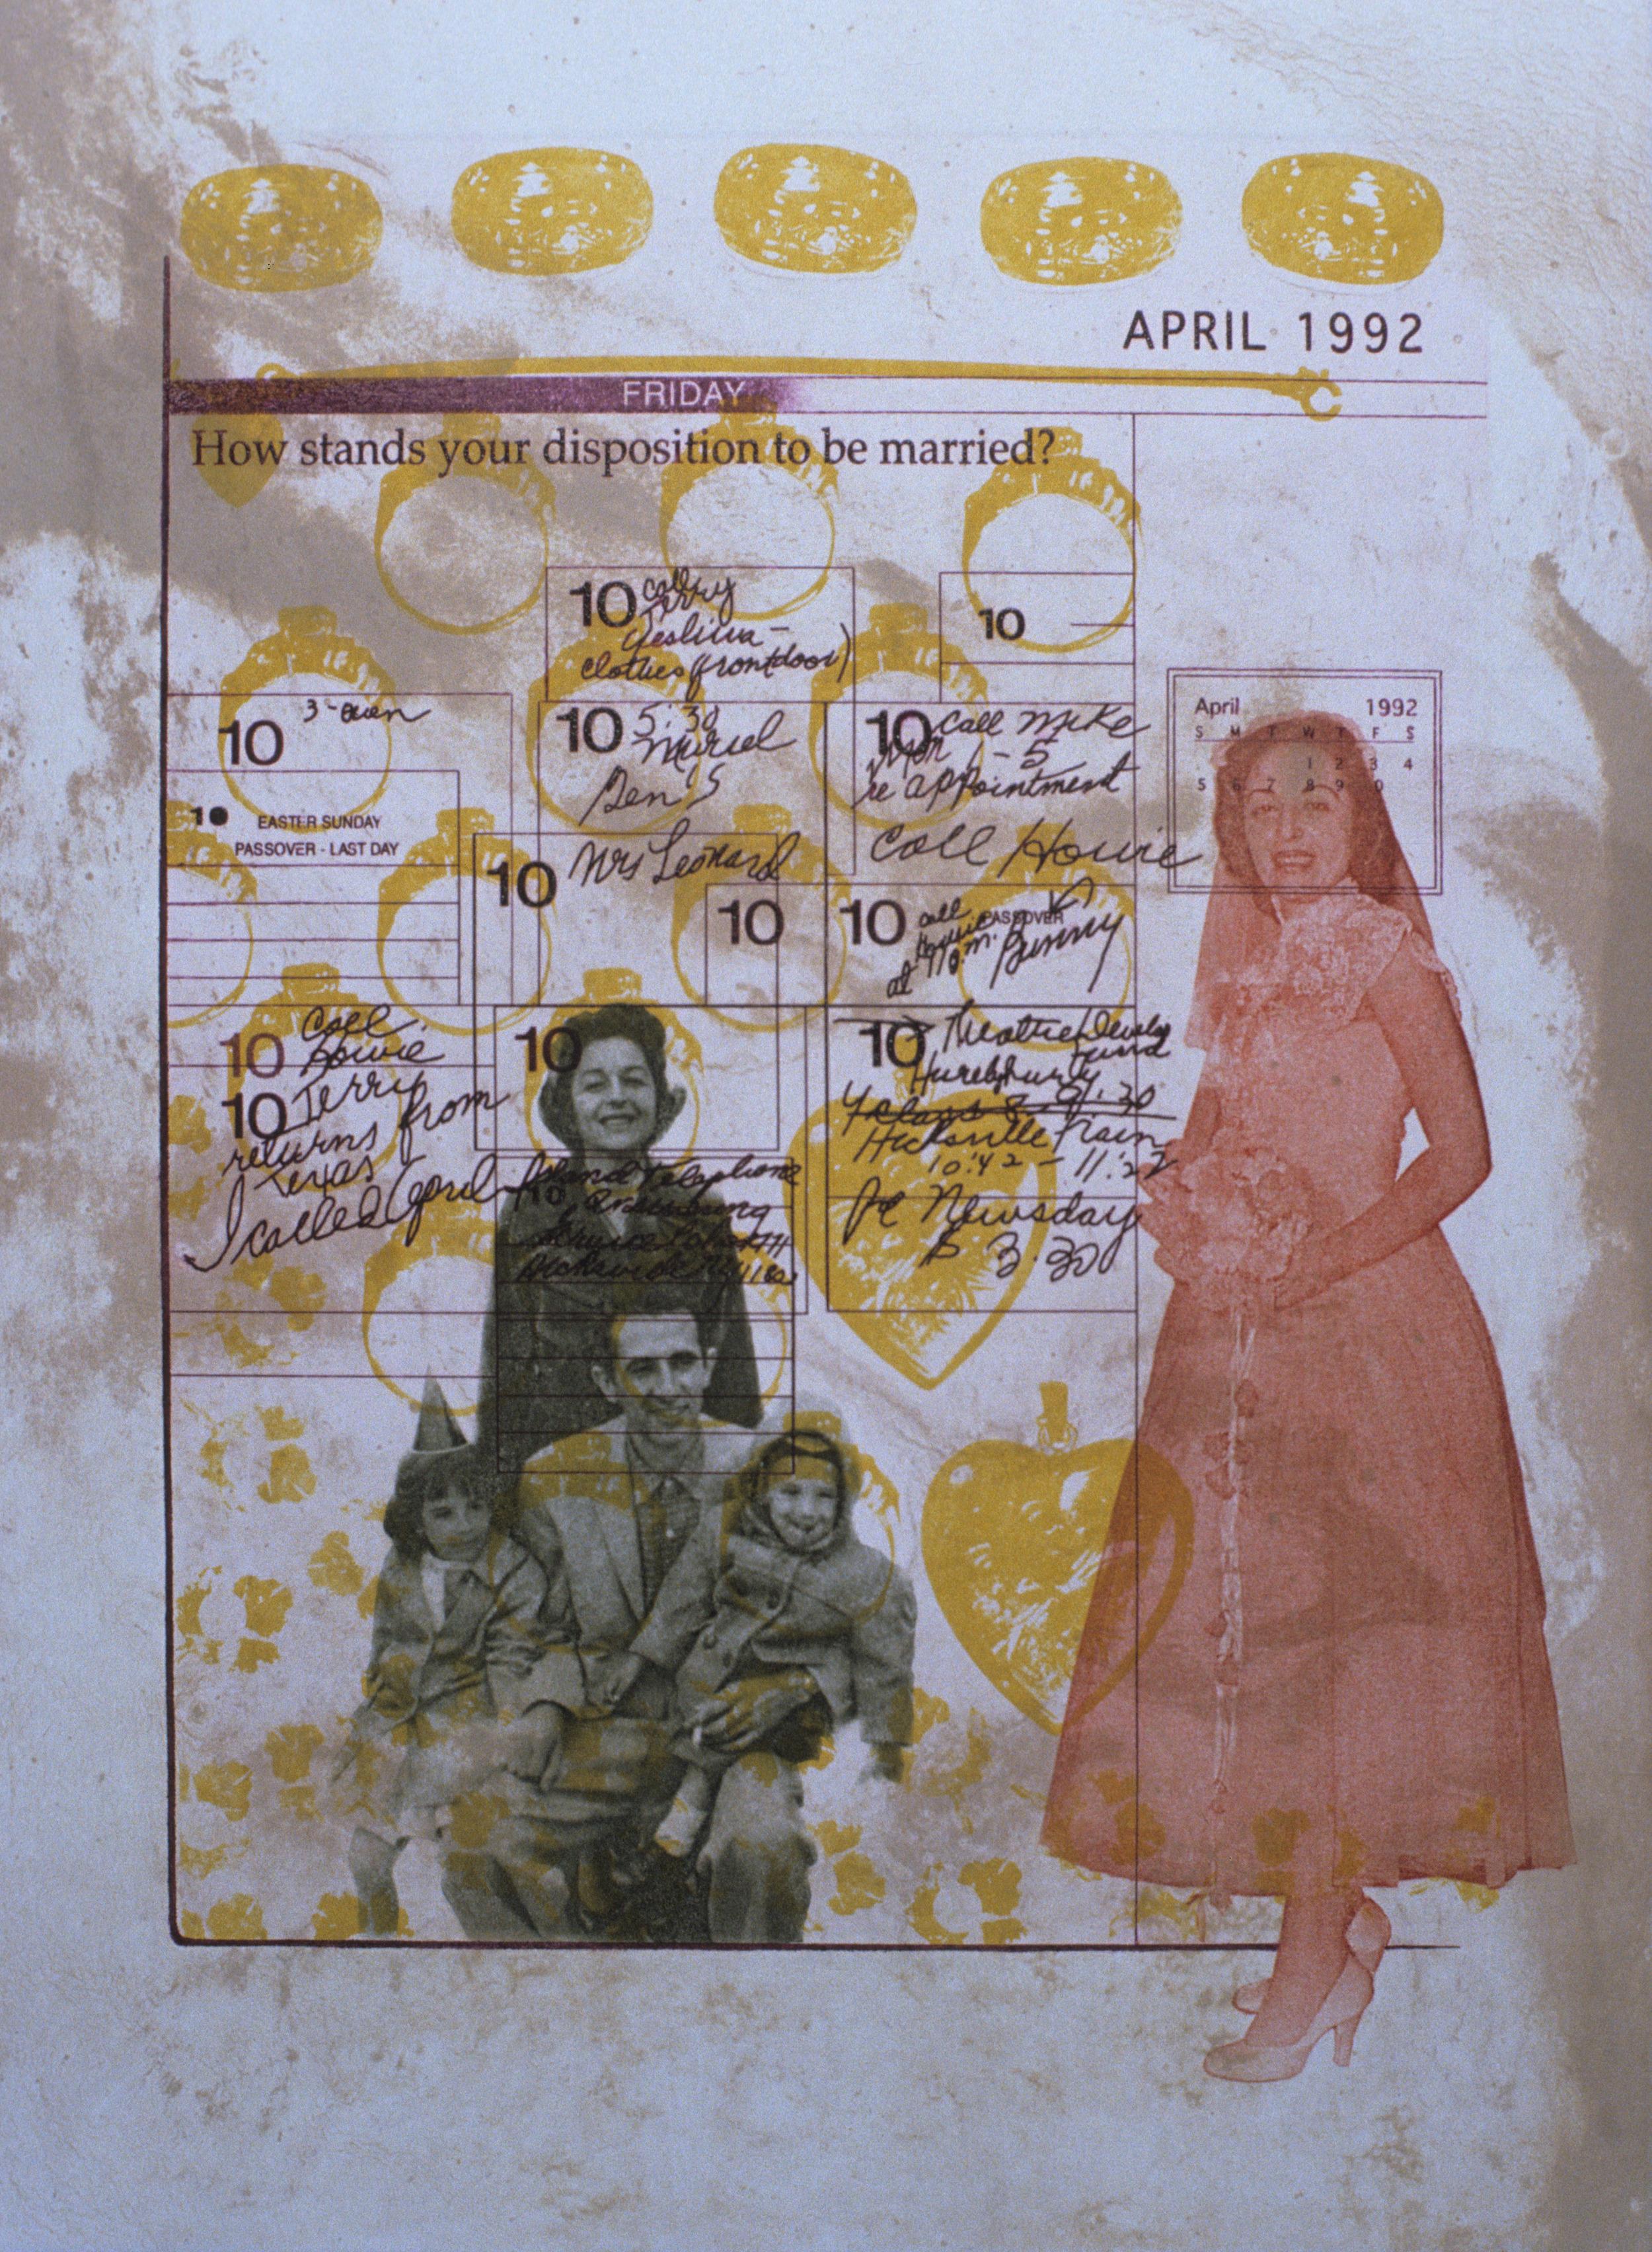 April 10: Disposition